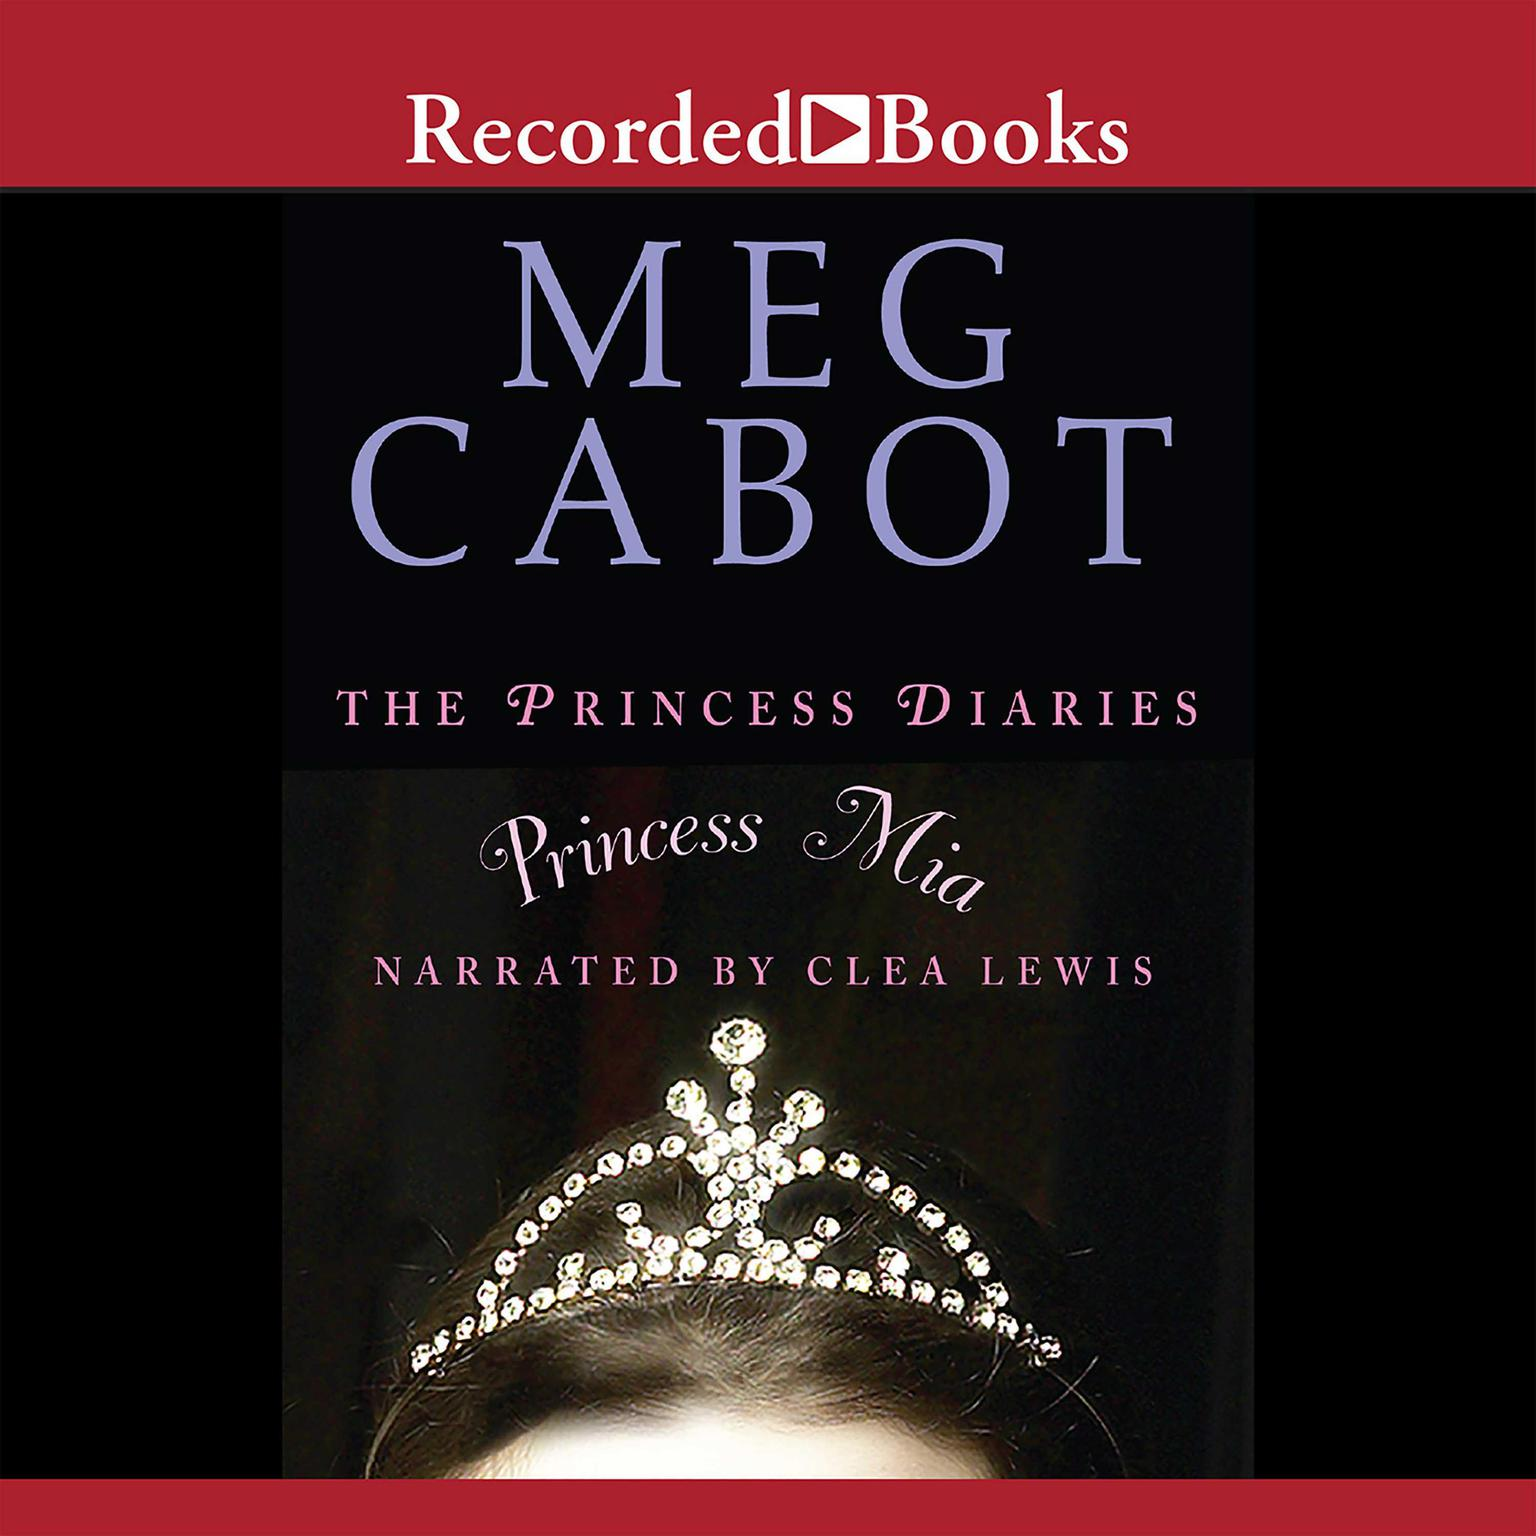 Книга princess diaries скачать